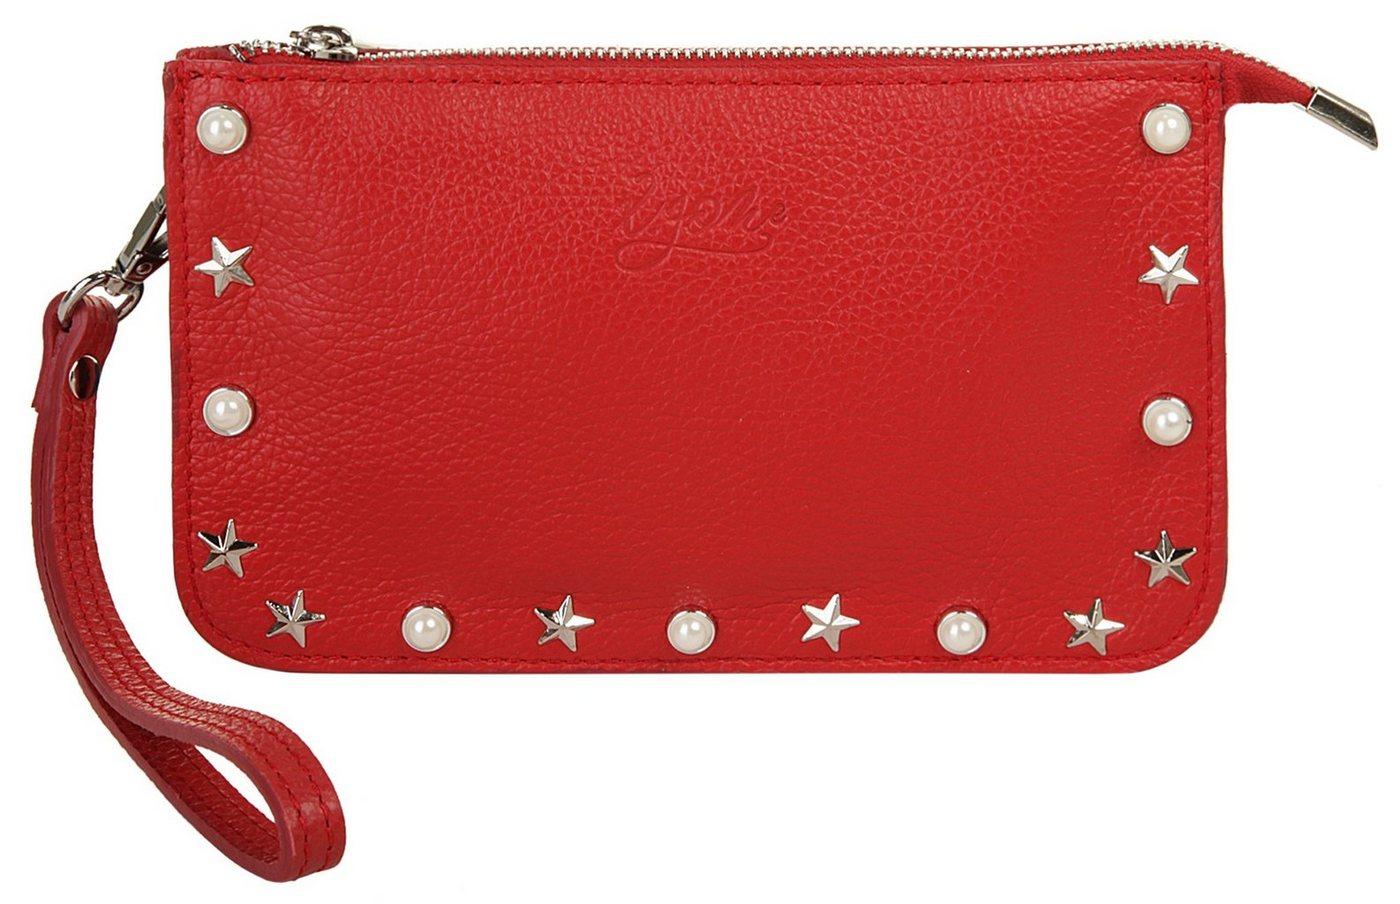 X-Zone Abendtasche, elastisch | Taschen > Handtaschen > Abendtaschen | Rot | Leder | X-Zone